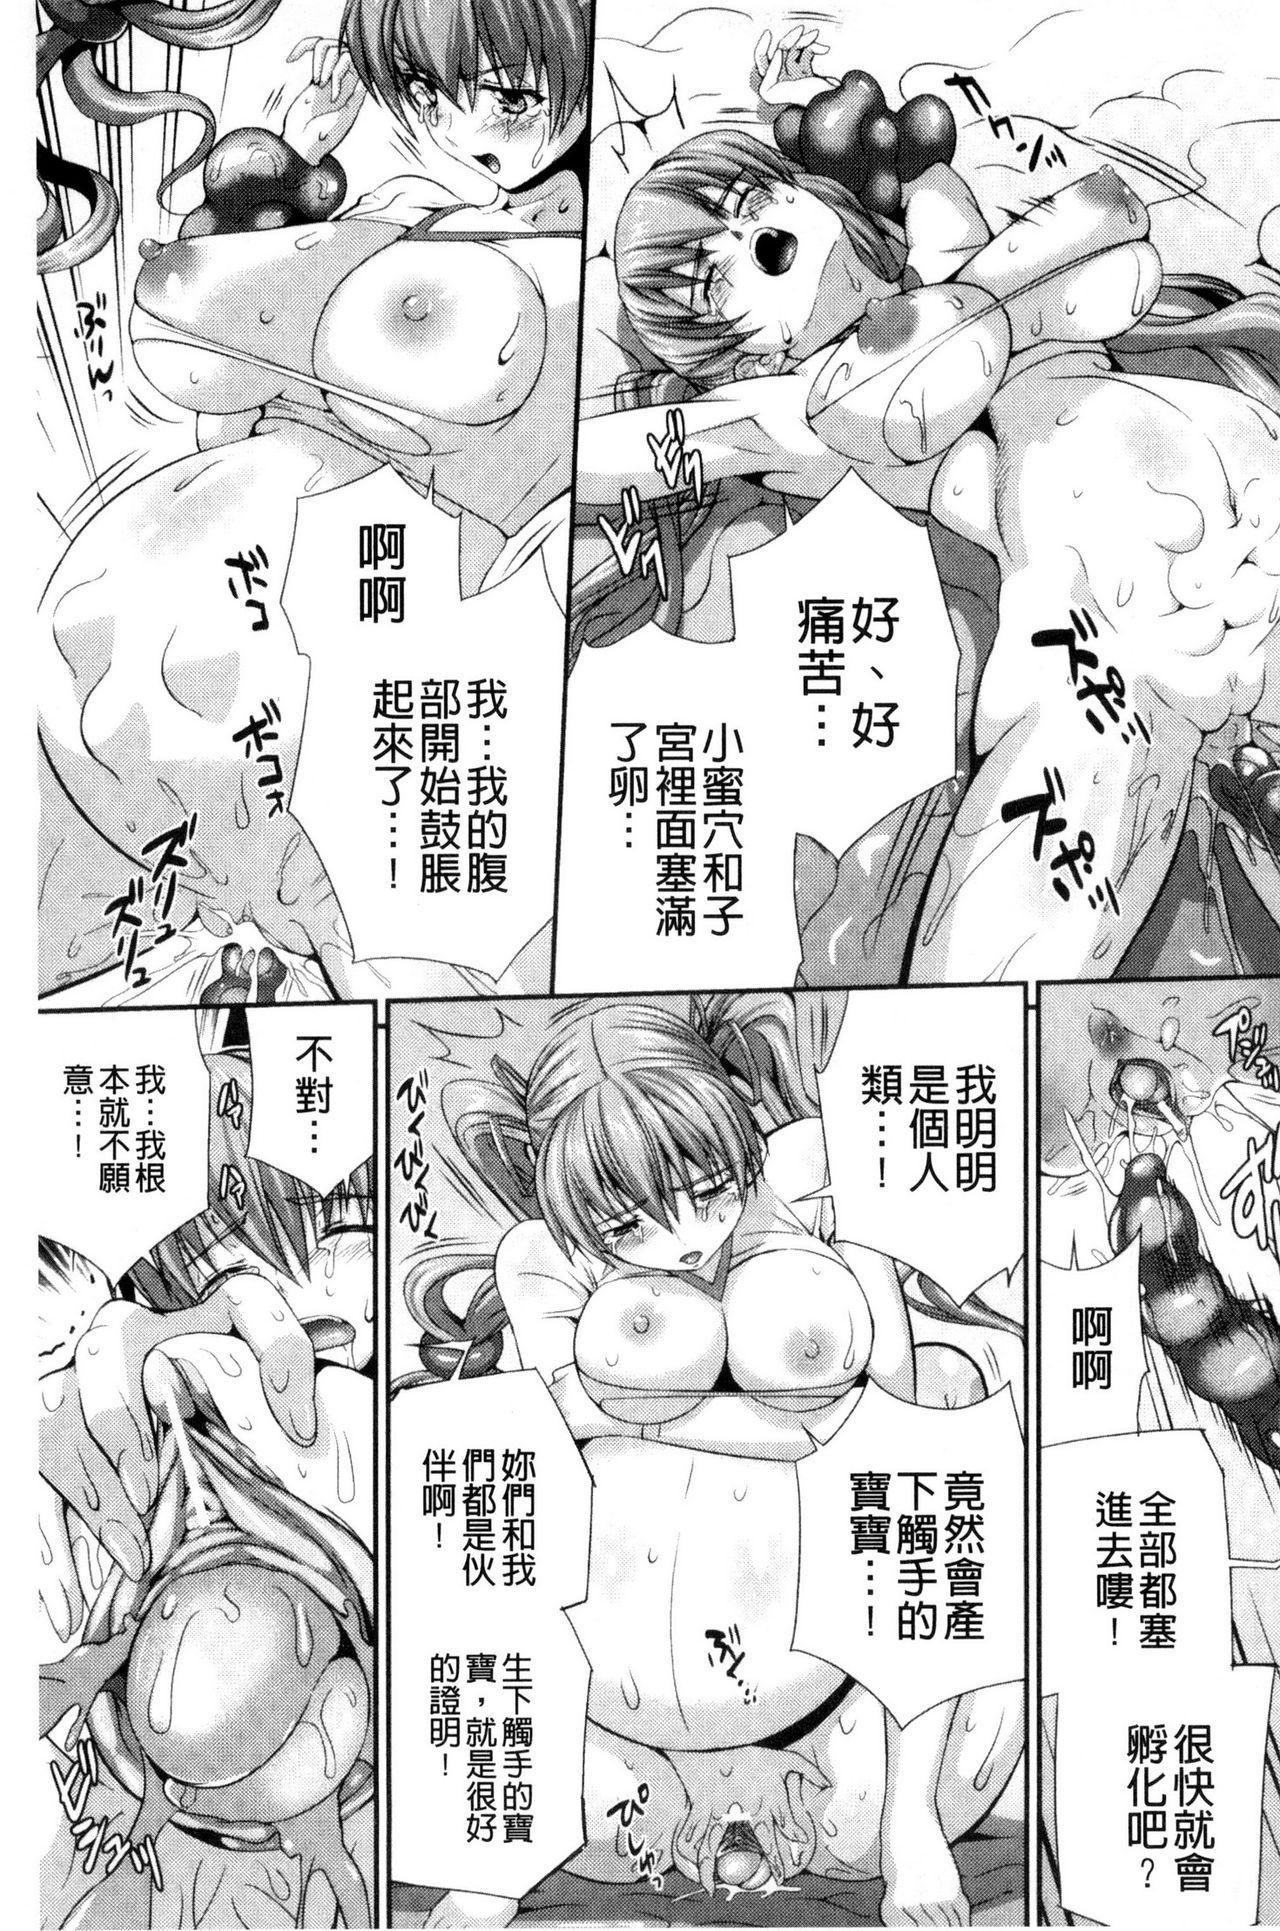 Busou Senki 57